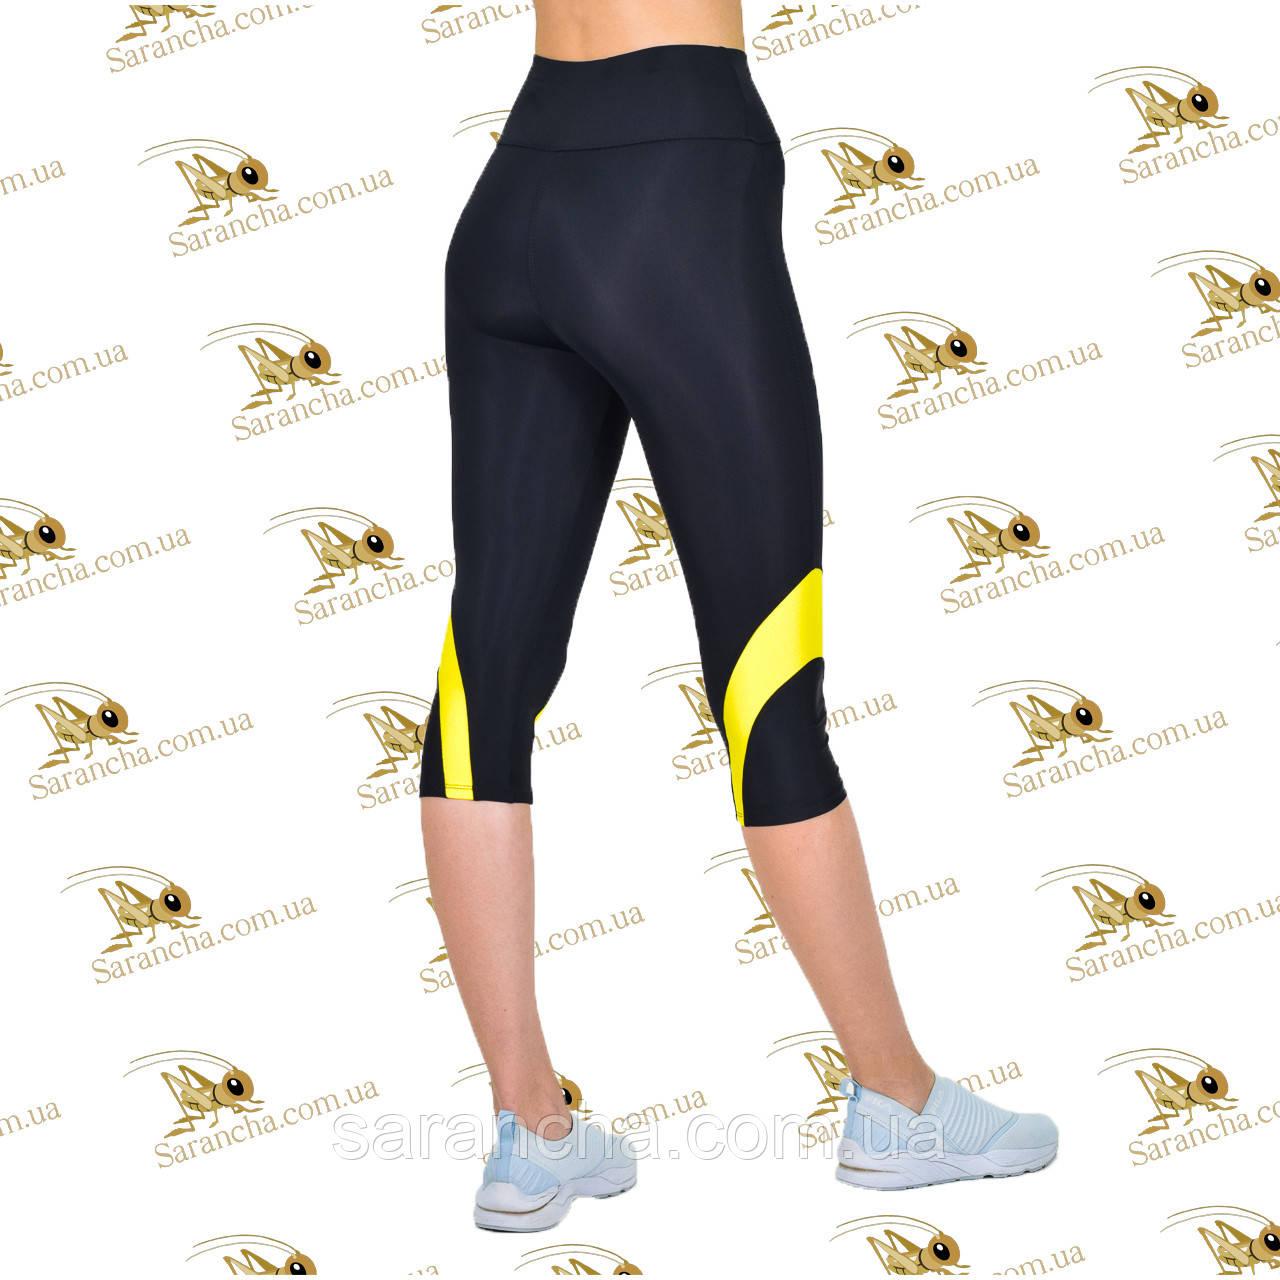 Женские спортивные бриджи черные с желтыми вставками размеры от 42 до 52